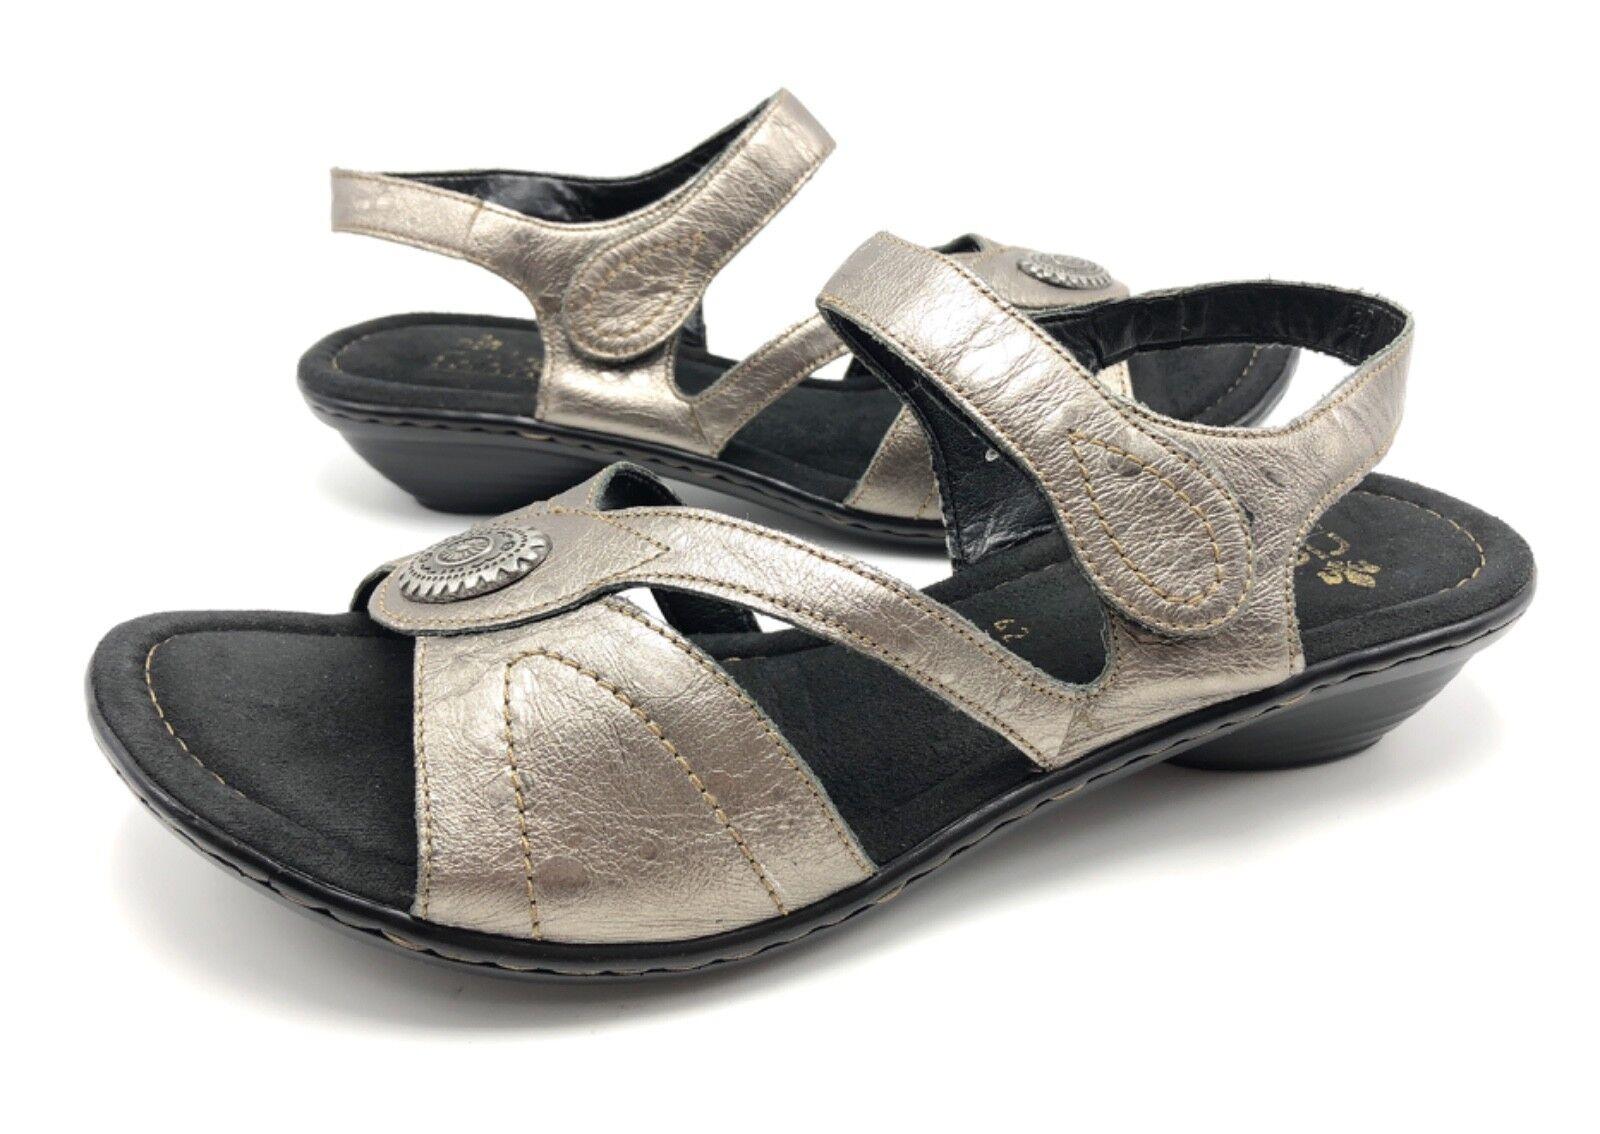 Rieker Rieker Rieker para mujer 42 10 Metálico gris Cuero Correa De Tobillo Comodidad Sandalias de tacón bajo  nuevo estilo